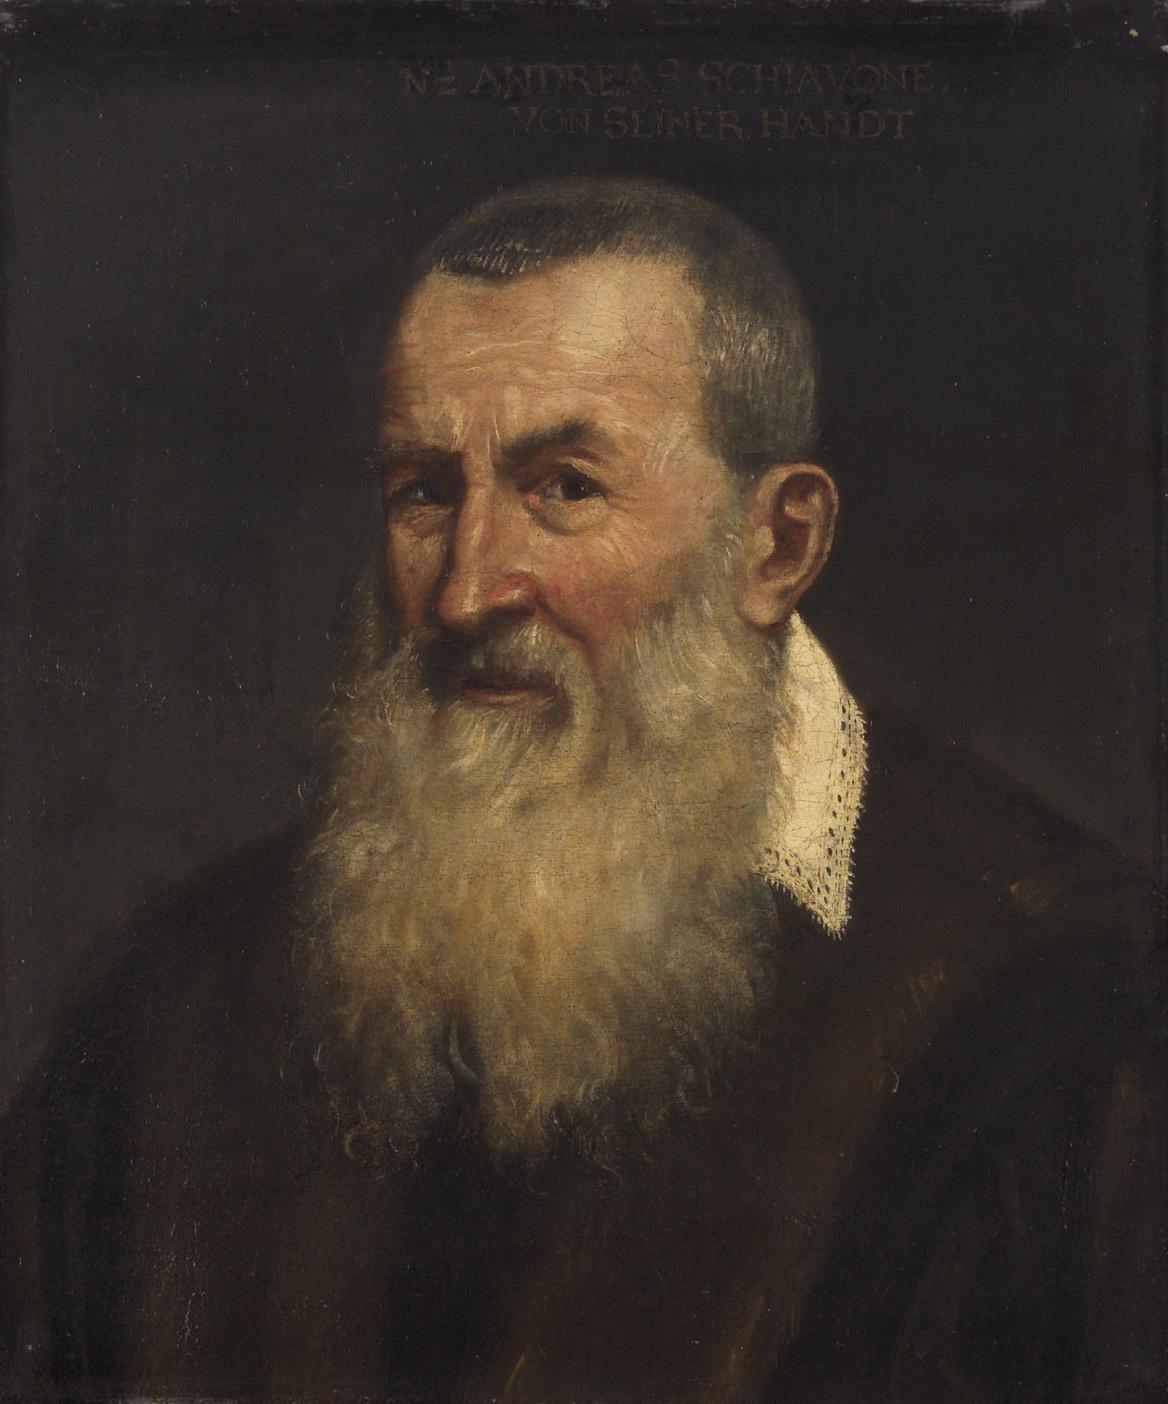 Bildnis eines Greises von Andrea Meldolla, gen. Schiavone